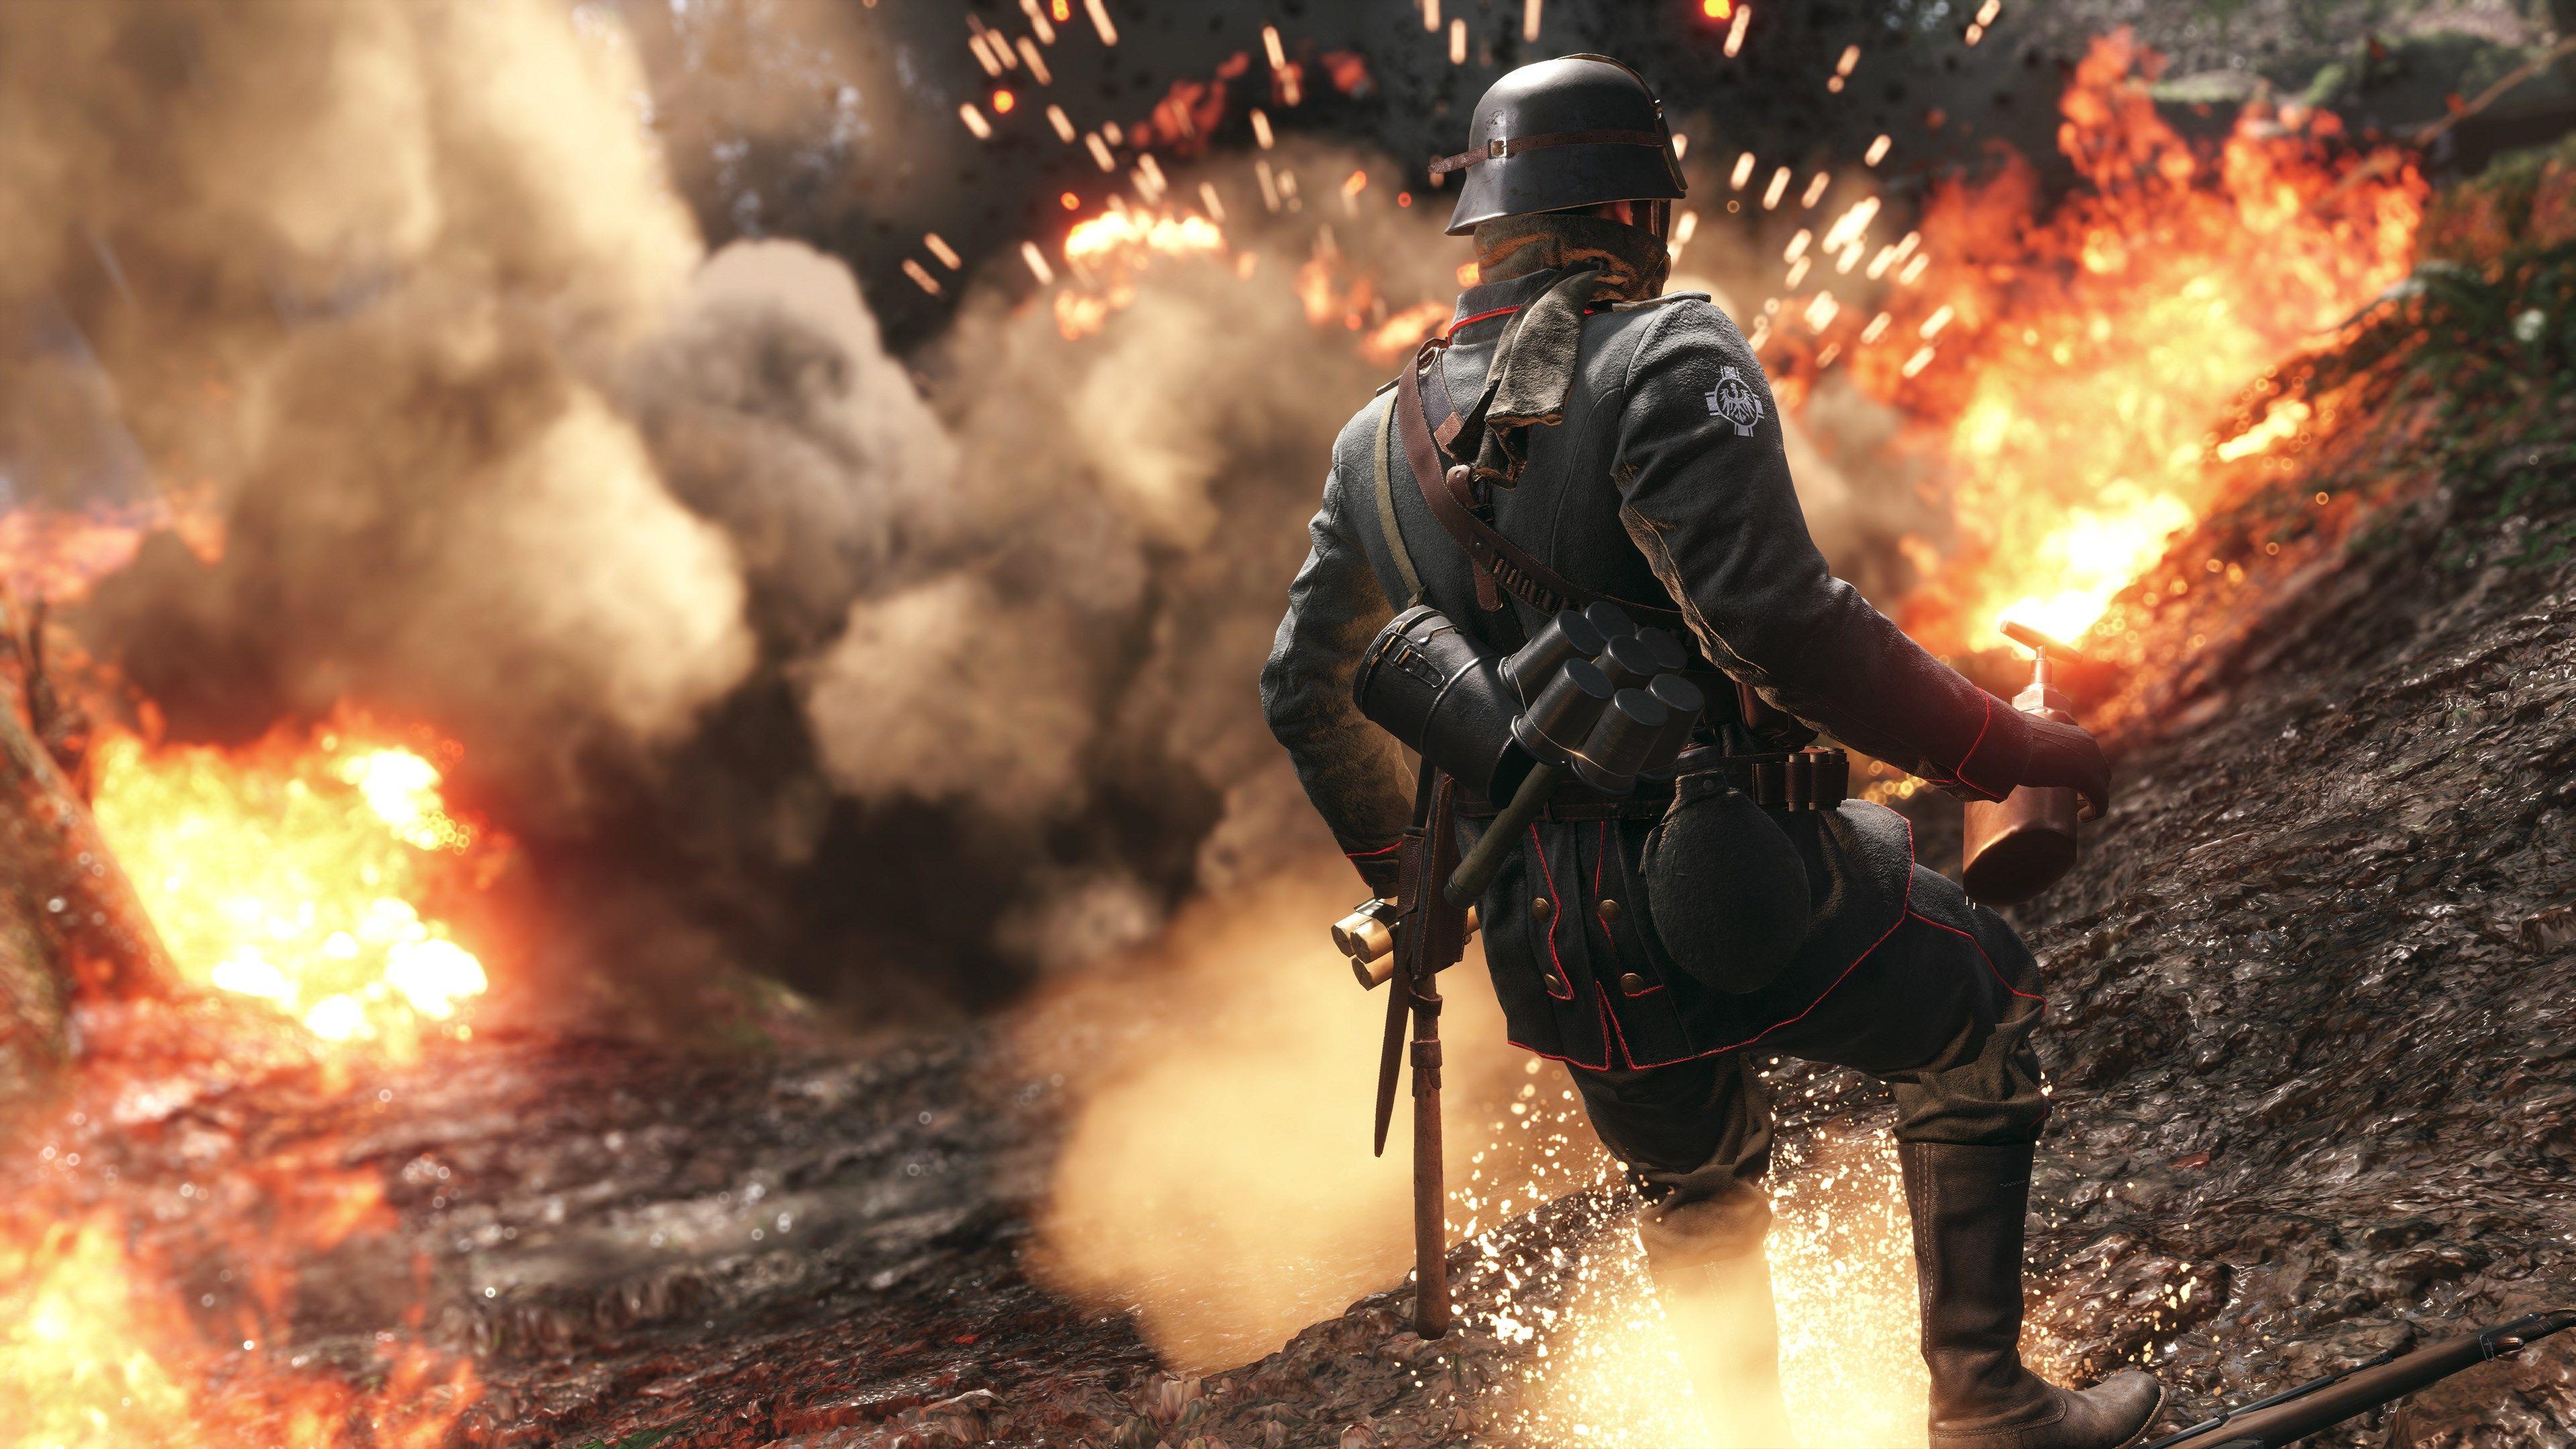 High Resolution Wallpaper Battlefield 1 Battlefield 1 Campo De Batalha Jogos